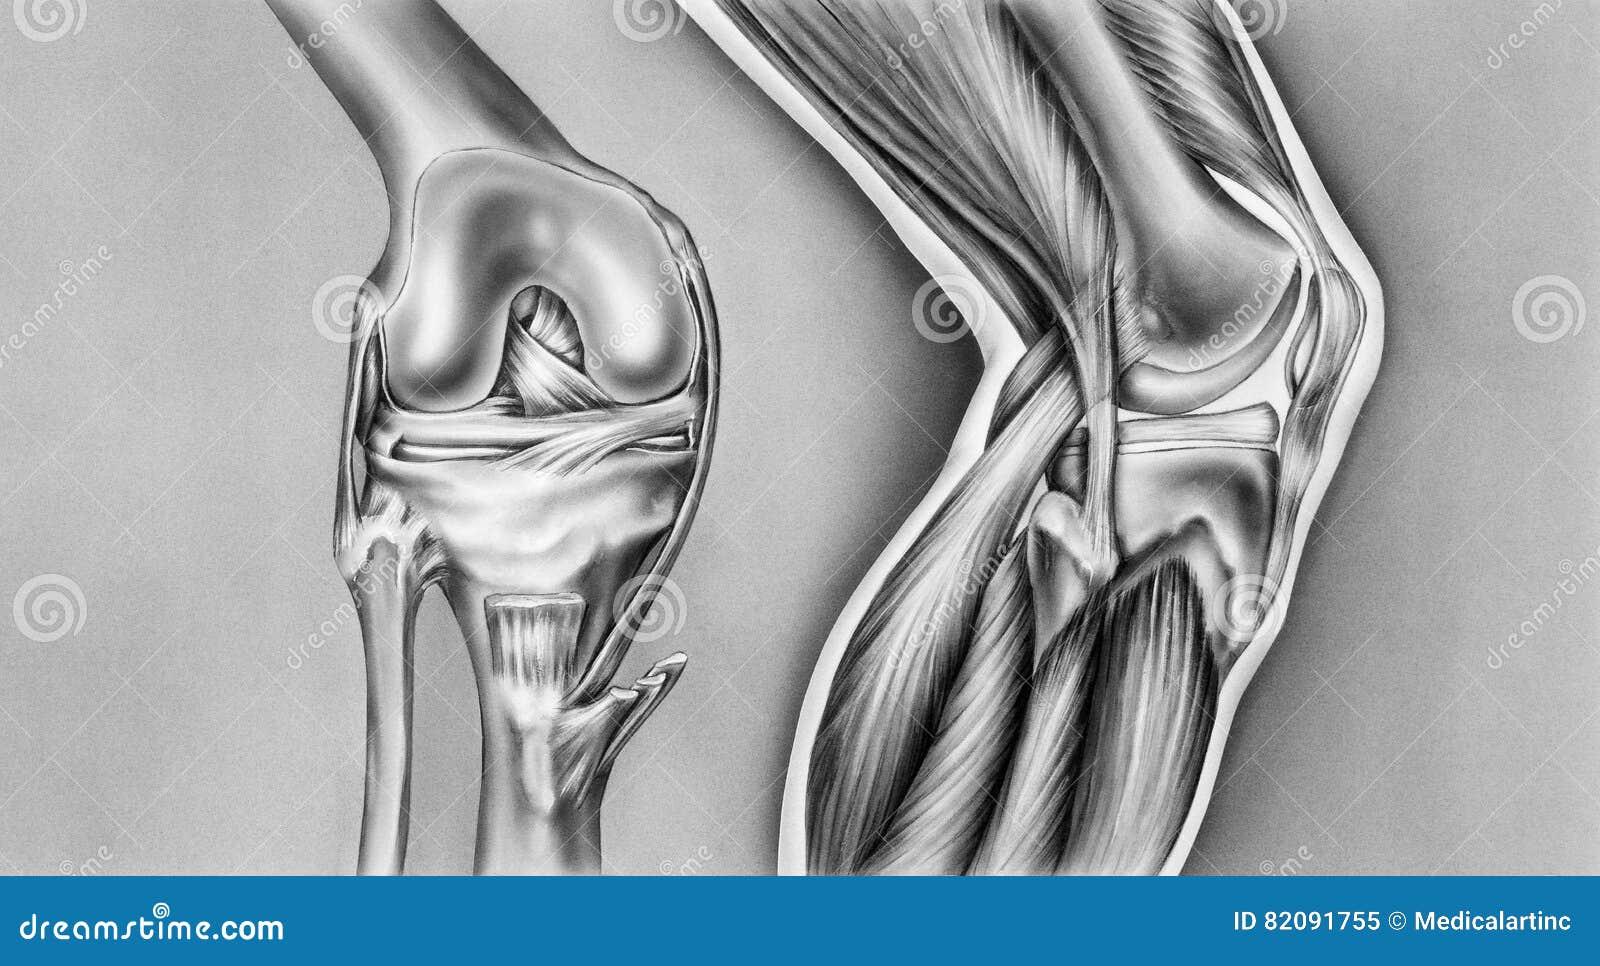 Knie - Knochen, Ligamente U. Muskeln Stock Abbildung - Illustration ...